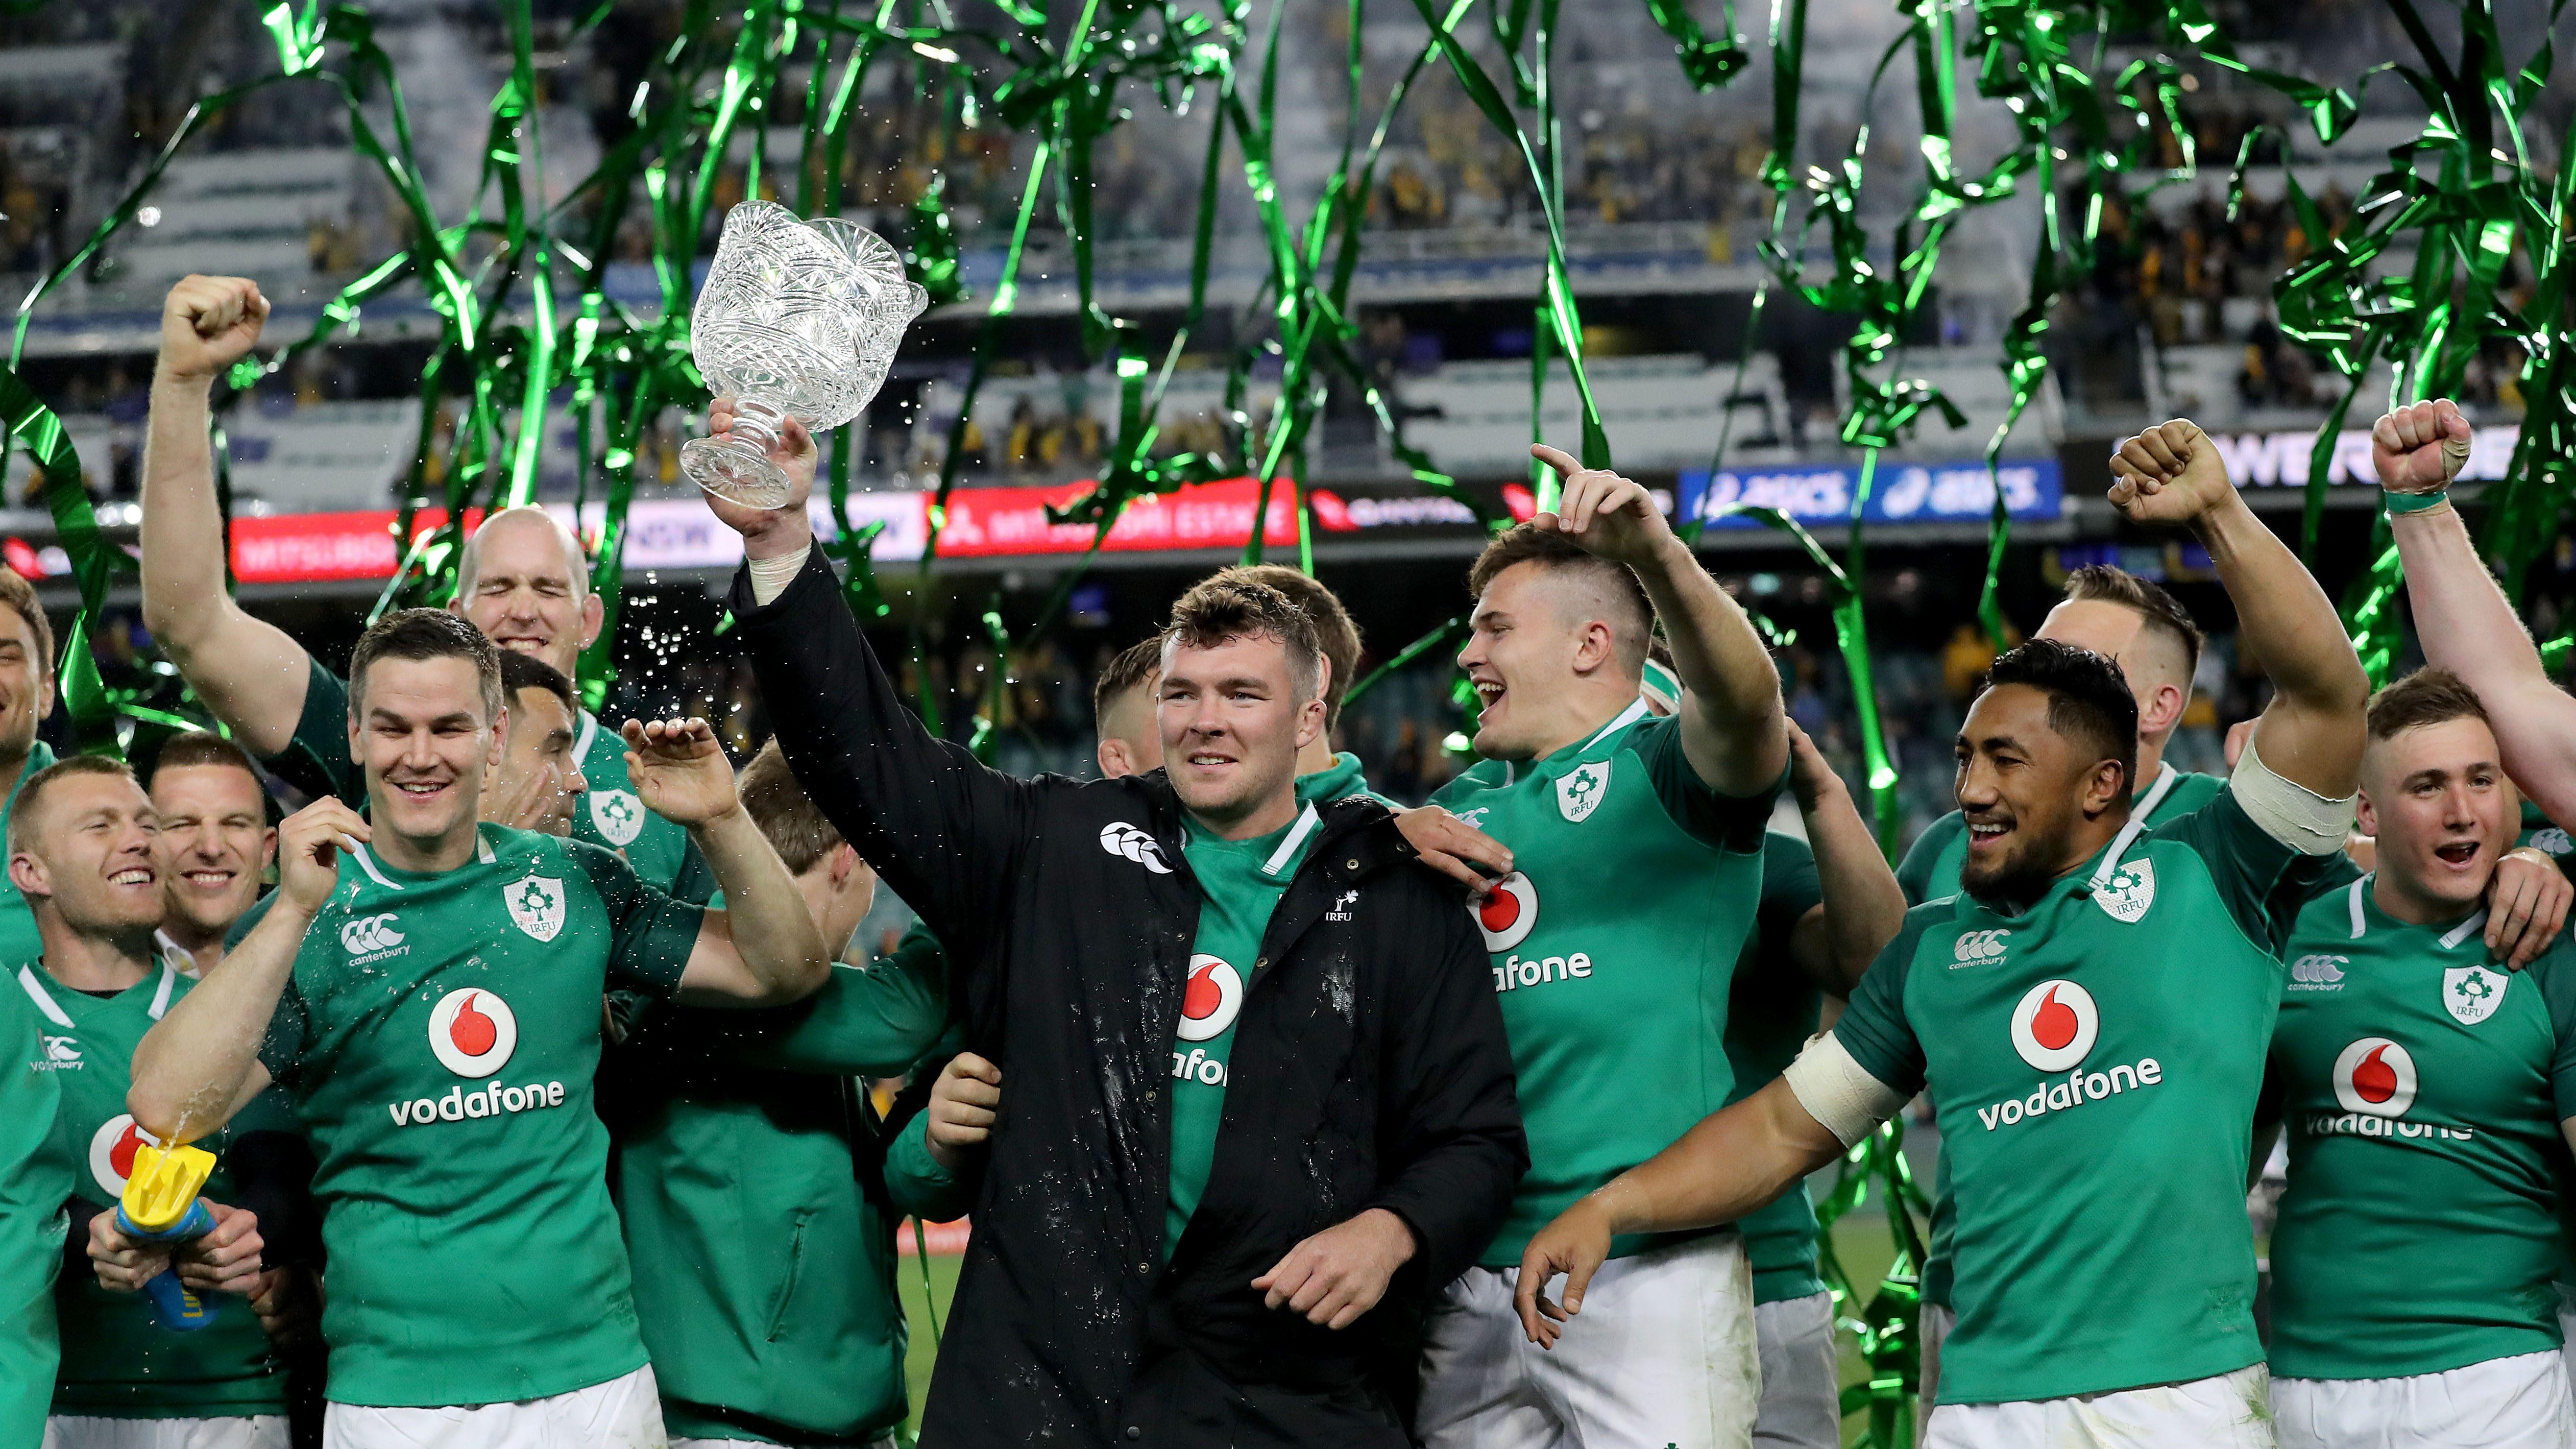 Superb summer tour wins for Ireland, England and Scotland